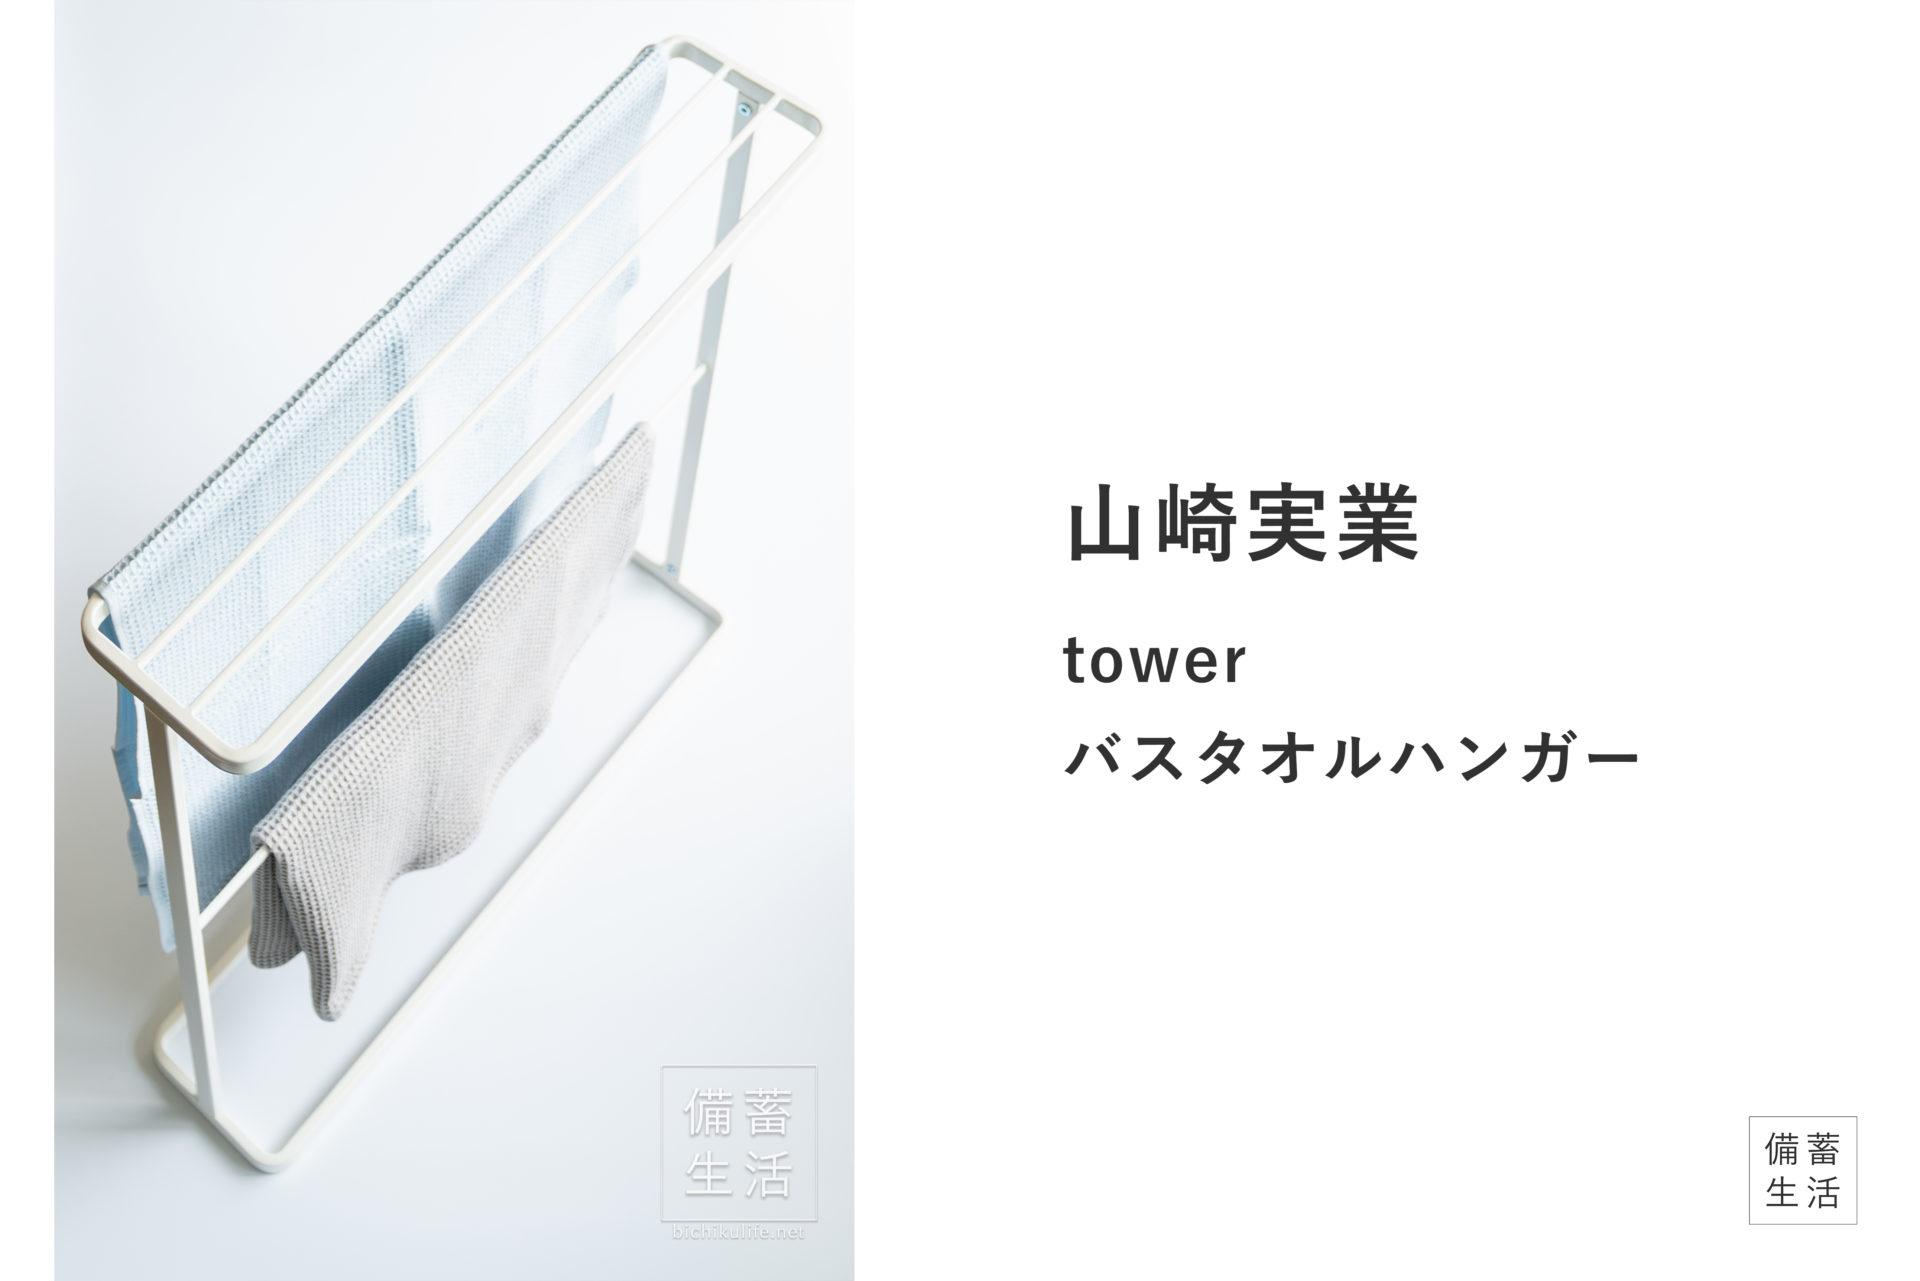 山崎実業 バスタオルハンガー tower